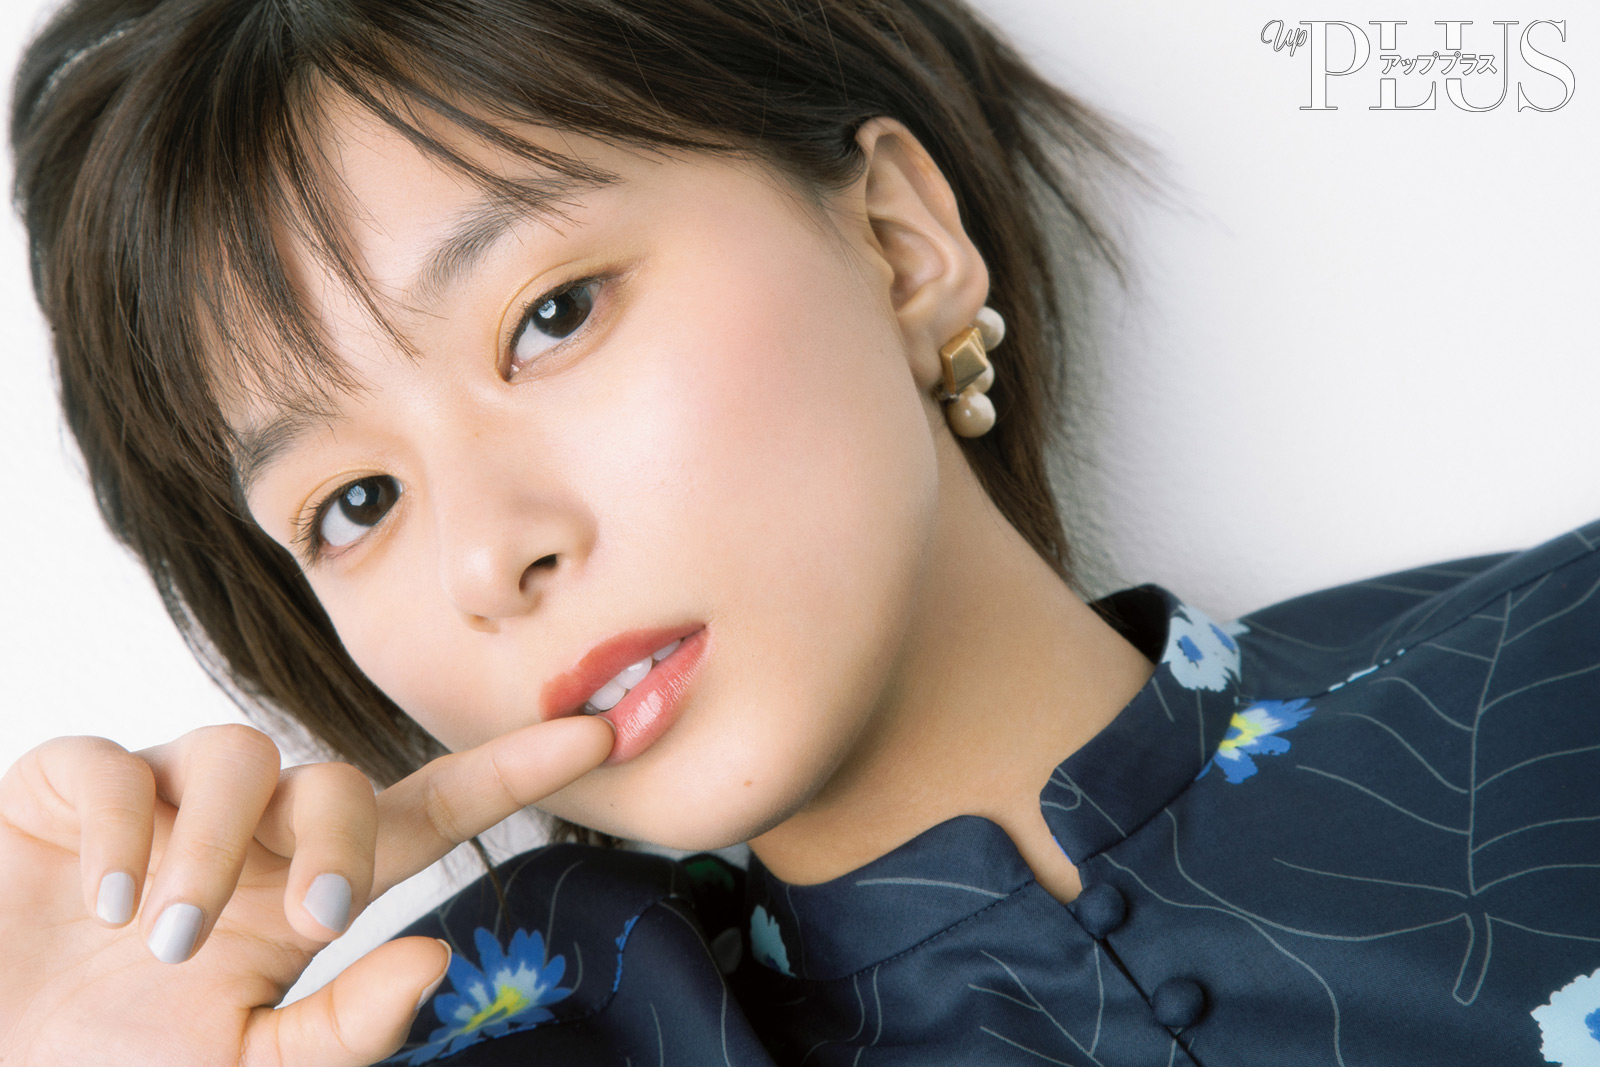 芳根京子 新しいわたしSTART ! | up PLUS online (アッププラス)